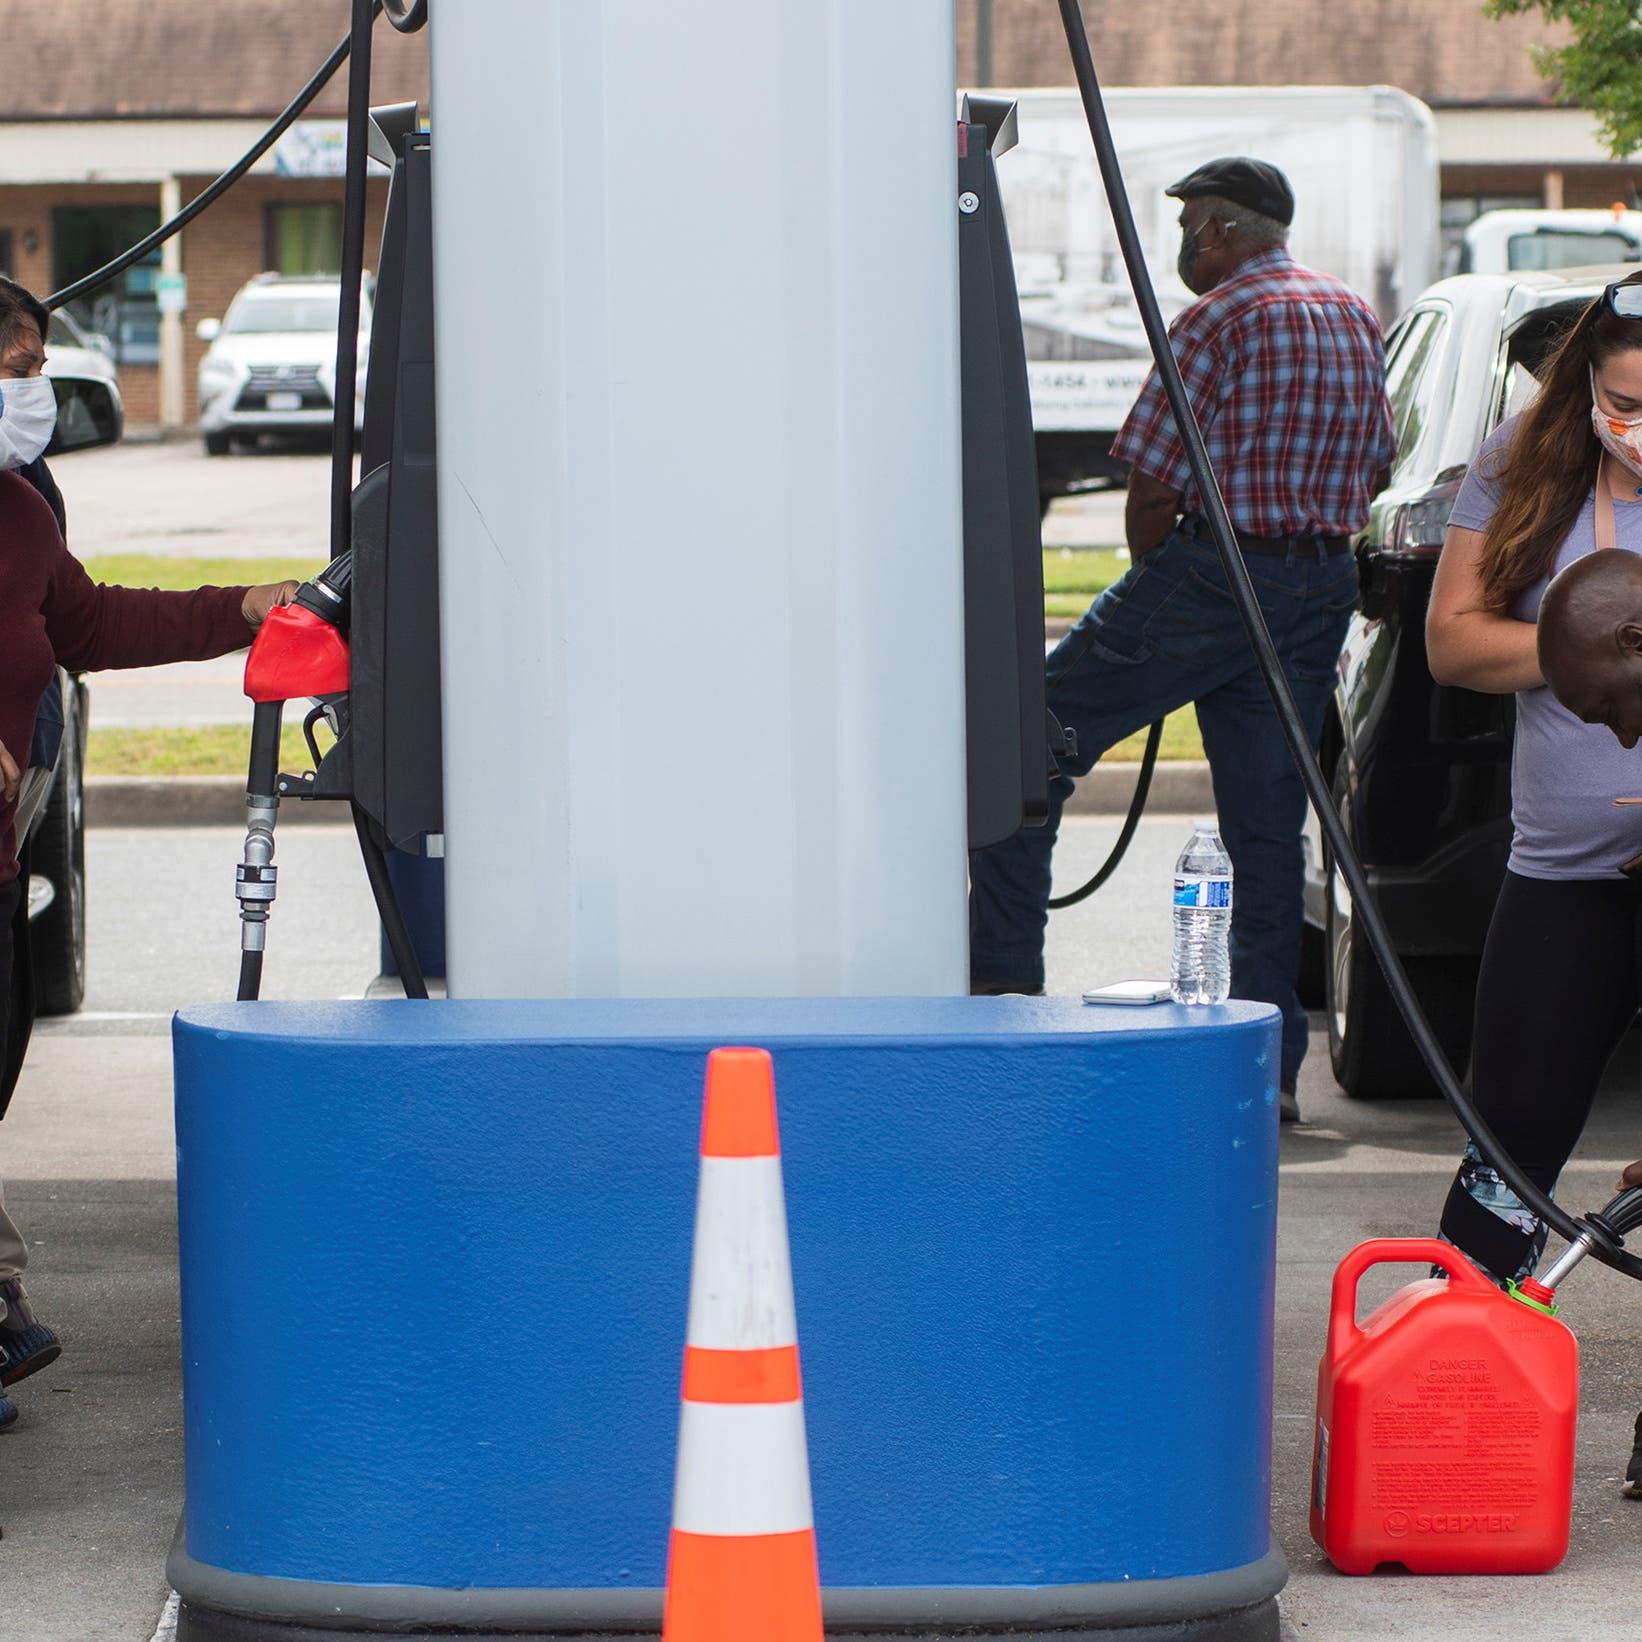 أزمة الوقود مستمرة.. الأميركيون يملؤون خزاناتهم وسط تحذيرات من التلاعب